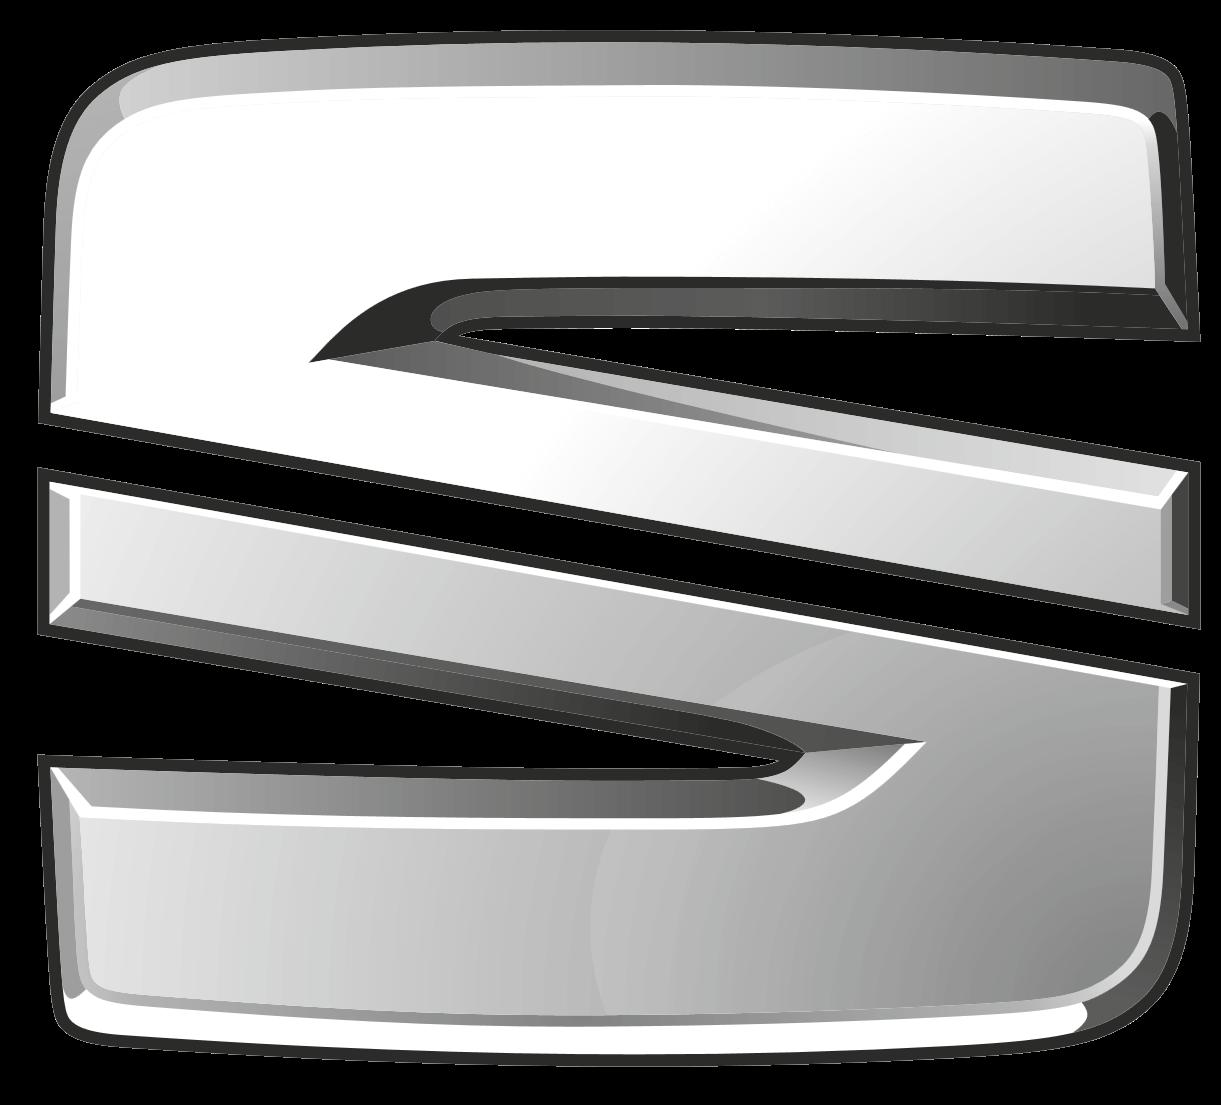 Seat logo - Seat HD PNG